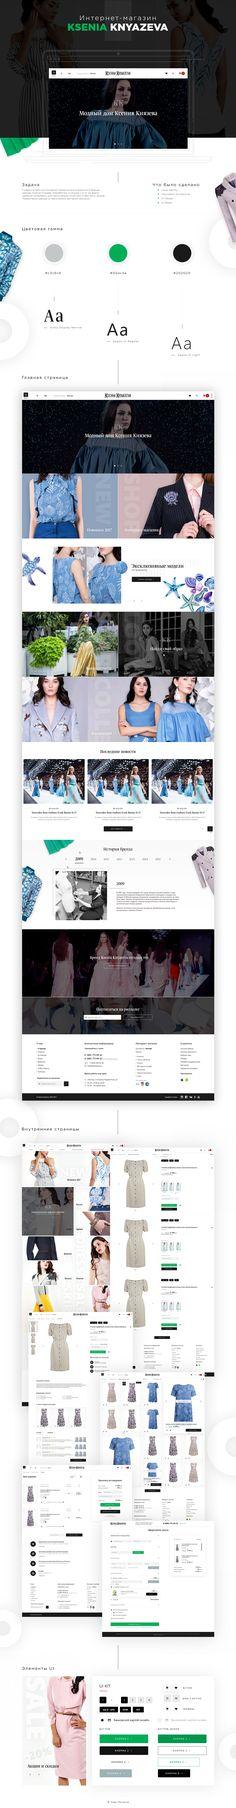 Ознакомьтесь с этим проектом @Behance: «Online Store Ksenia Knyazeva» https://www.behance.net/gallery/58822035/Online-Store-Ksenia-Knyazeva